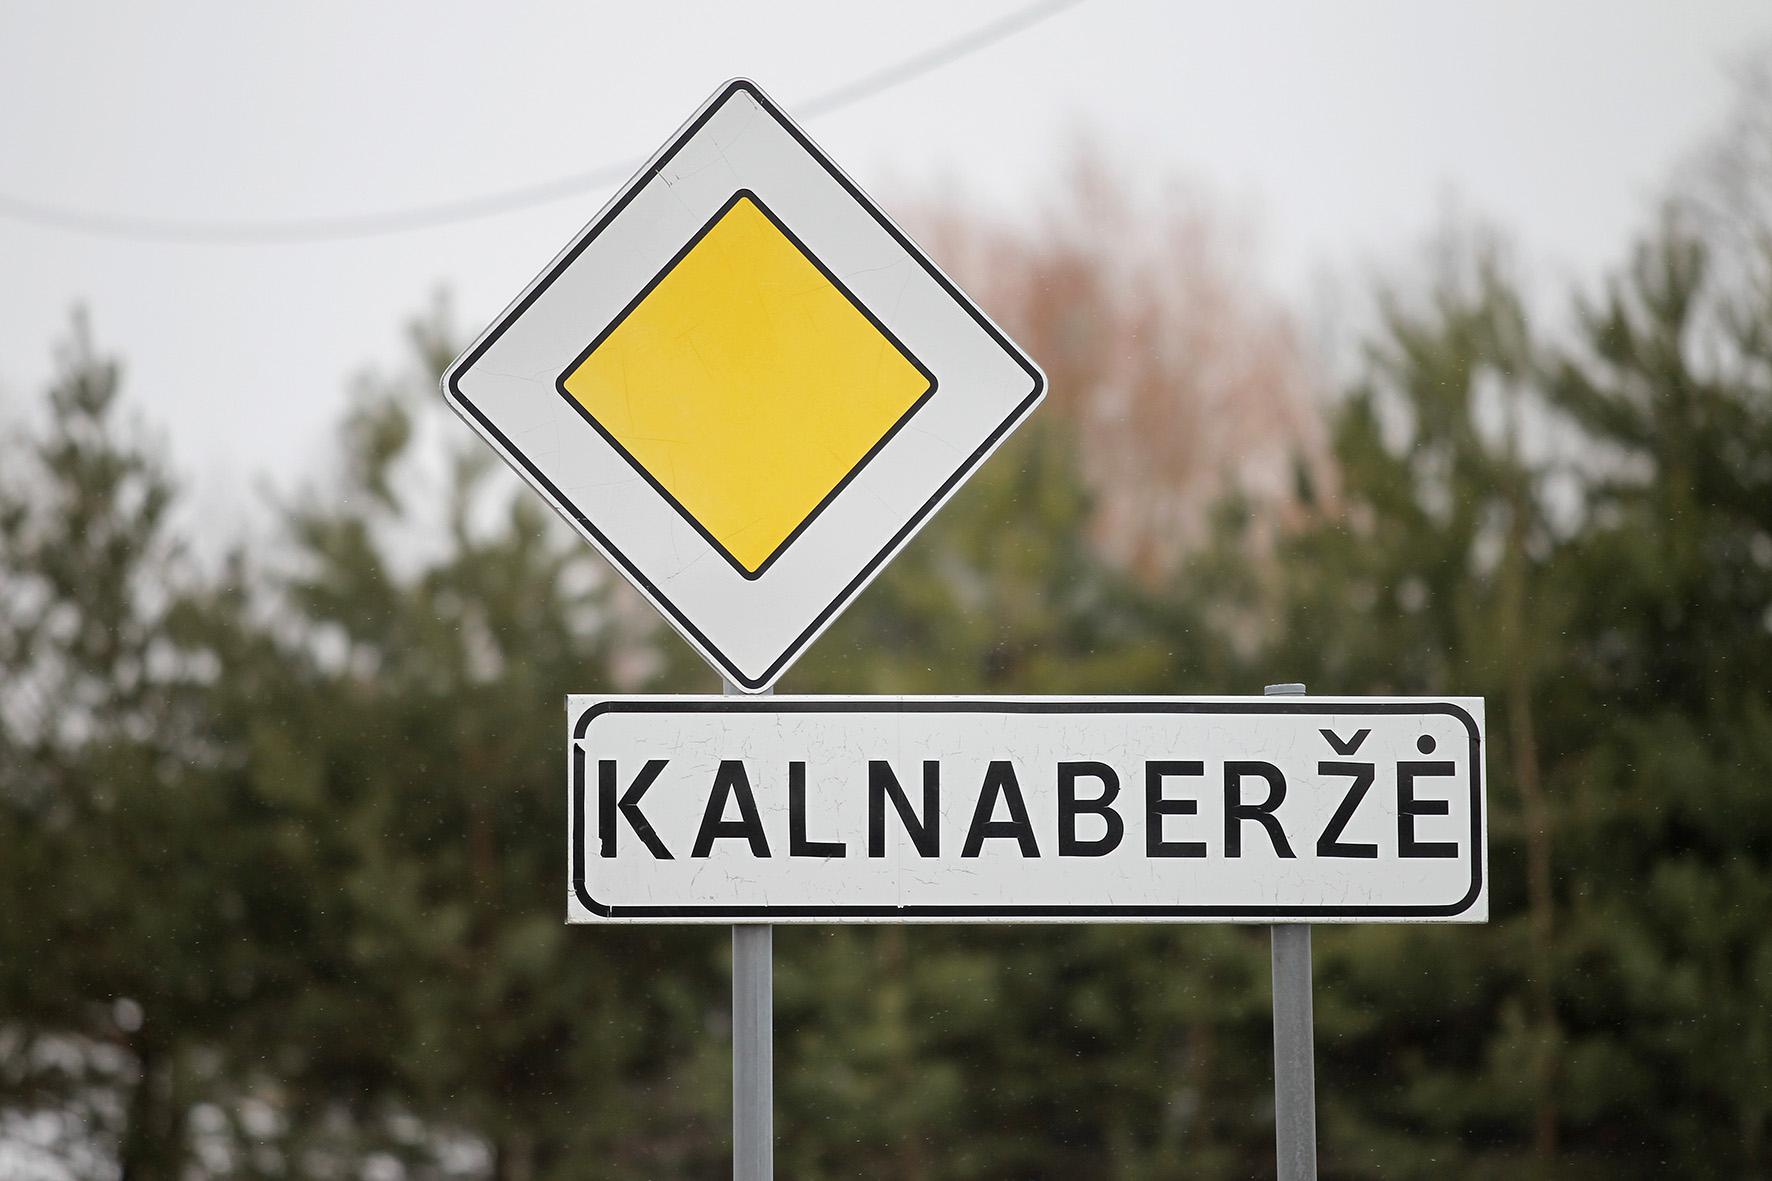 Kalnaberžė nuo miesto tarsi ranka pasiekiama, vos dešimt gerų kilometrų kelio ir gali būti vietoje. A. Barzdžiaus nuotr.